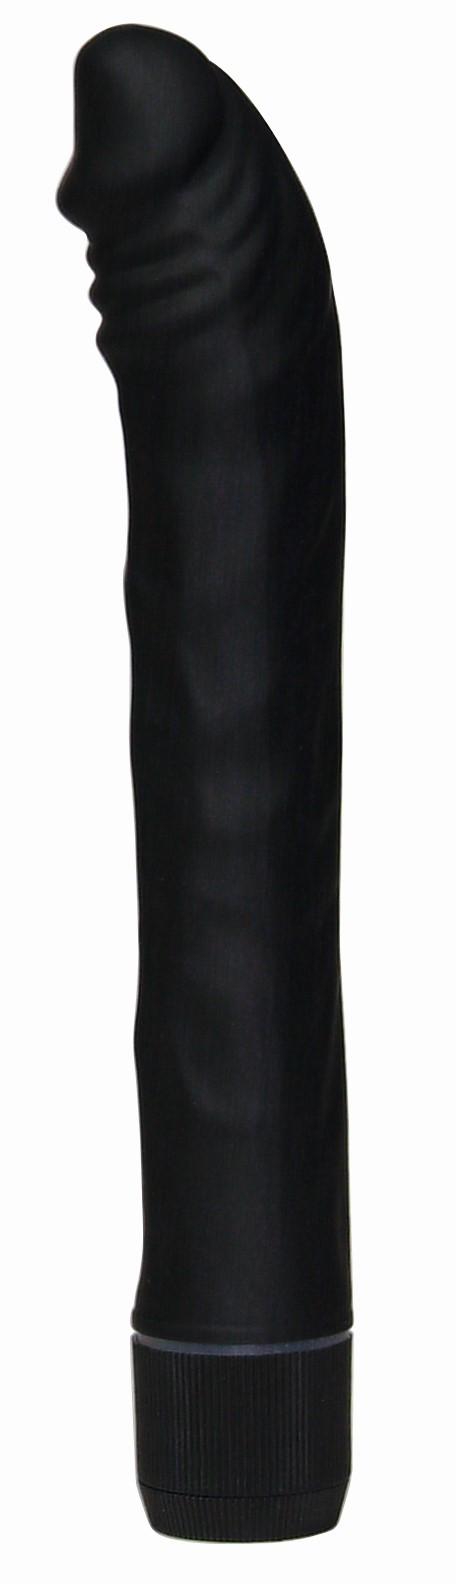 Klasszikus (rúdvibrátor) / Bársonyos kéj vibrátor - fekete